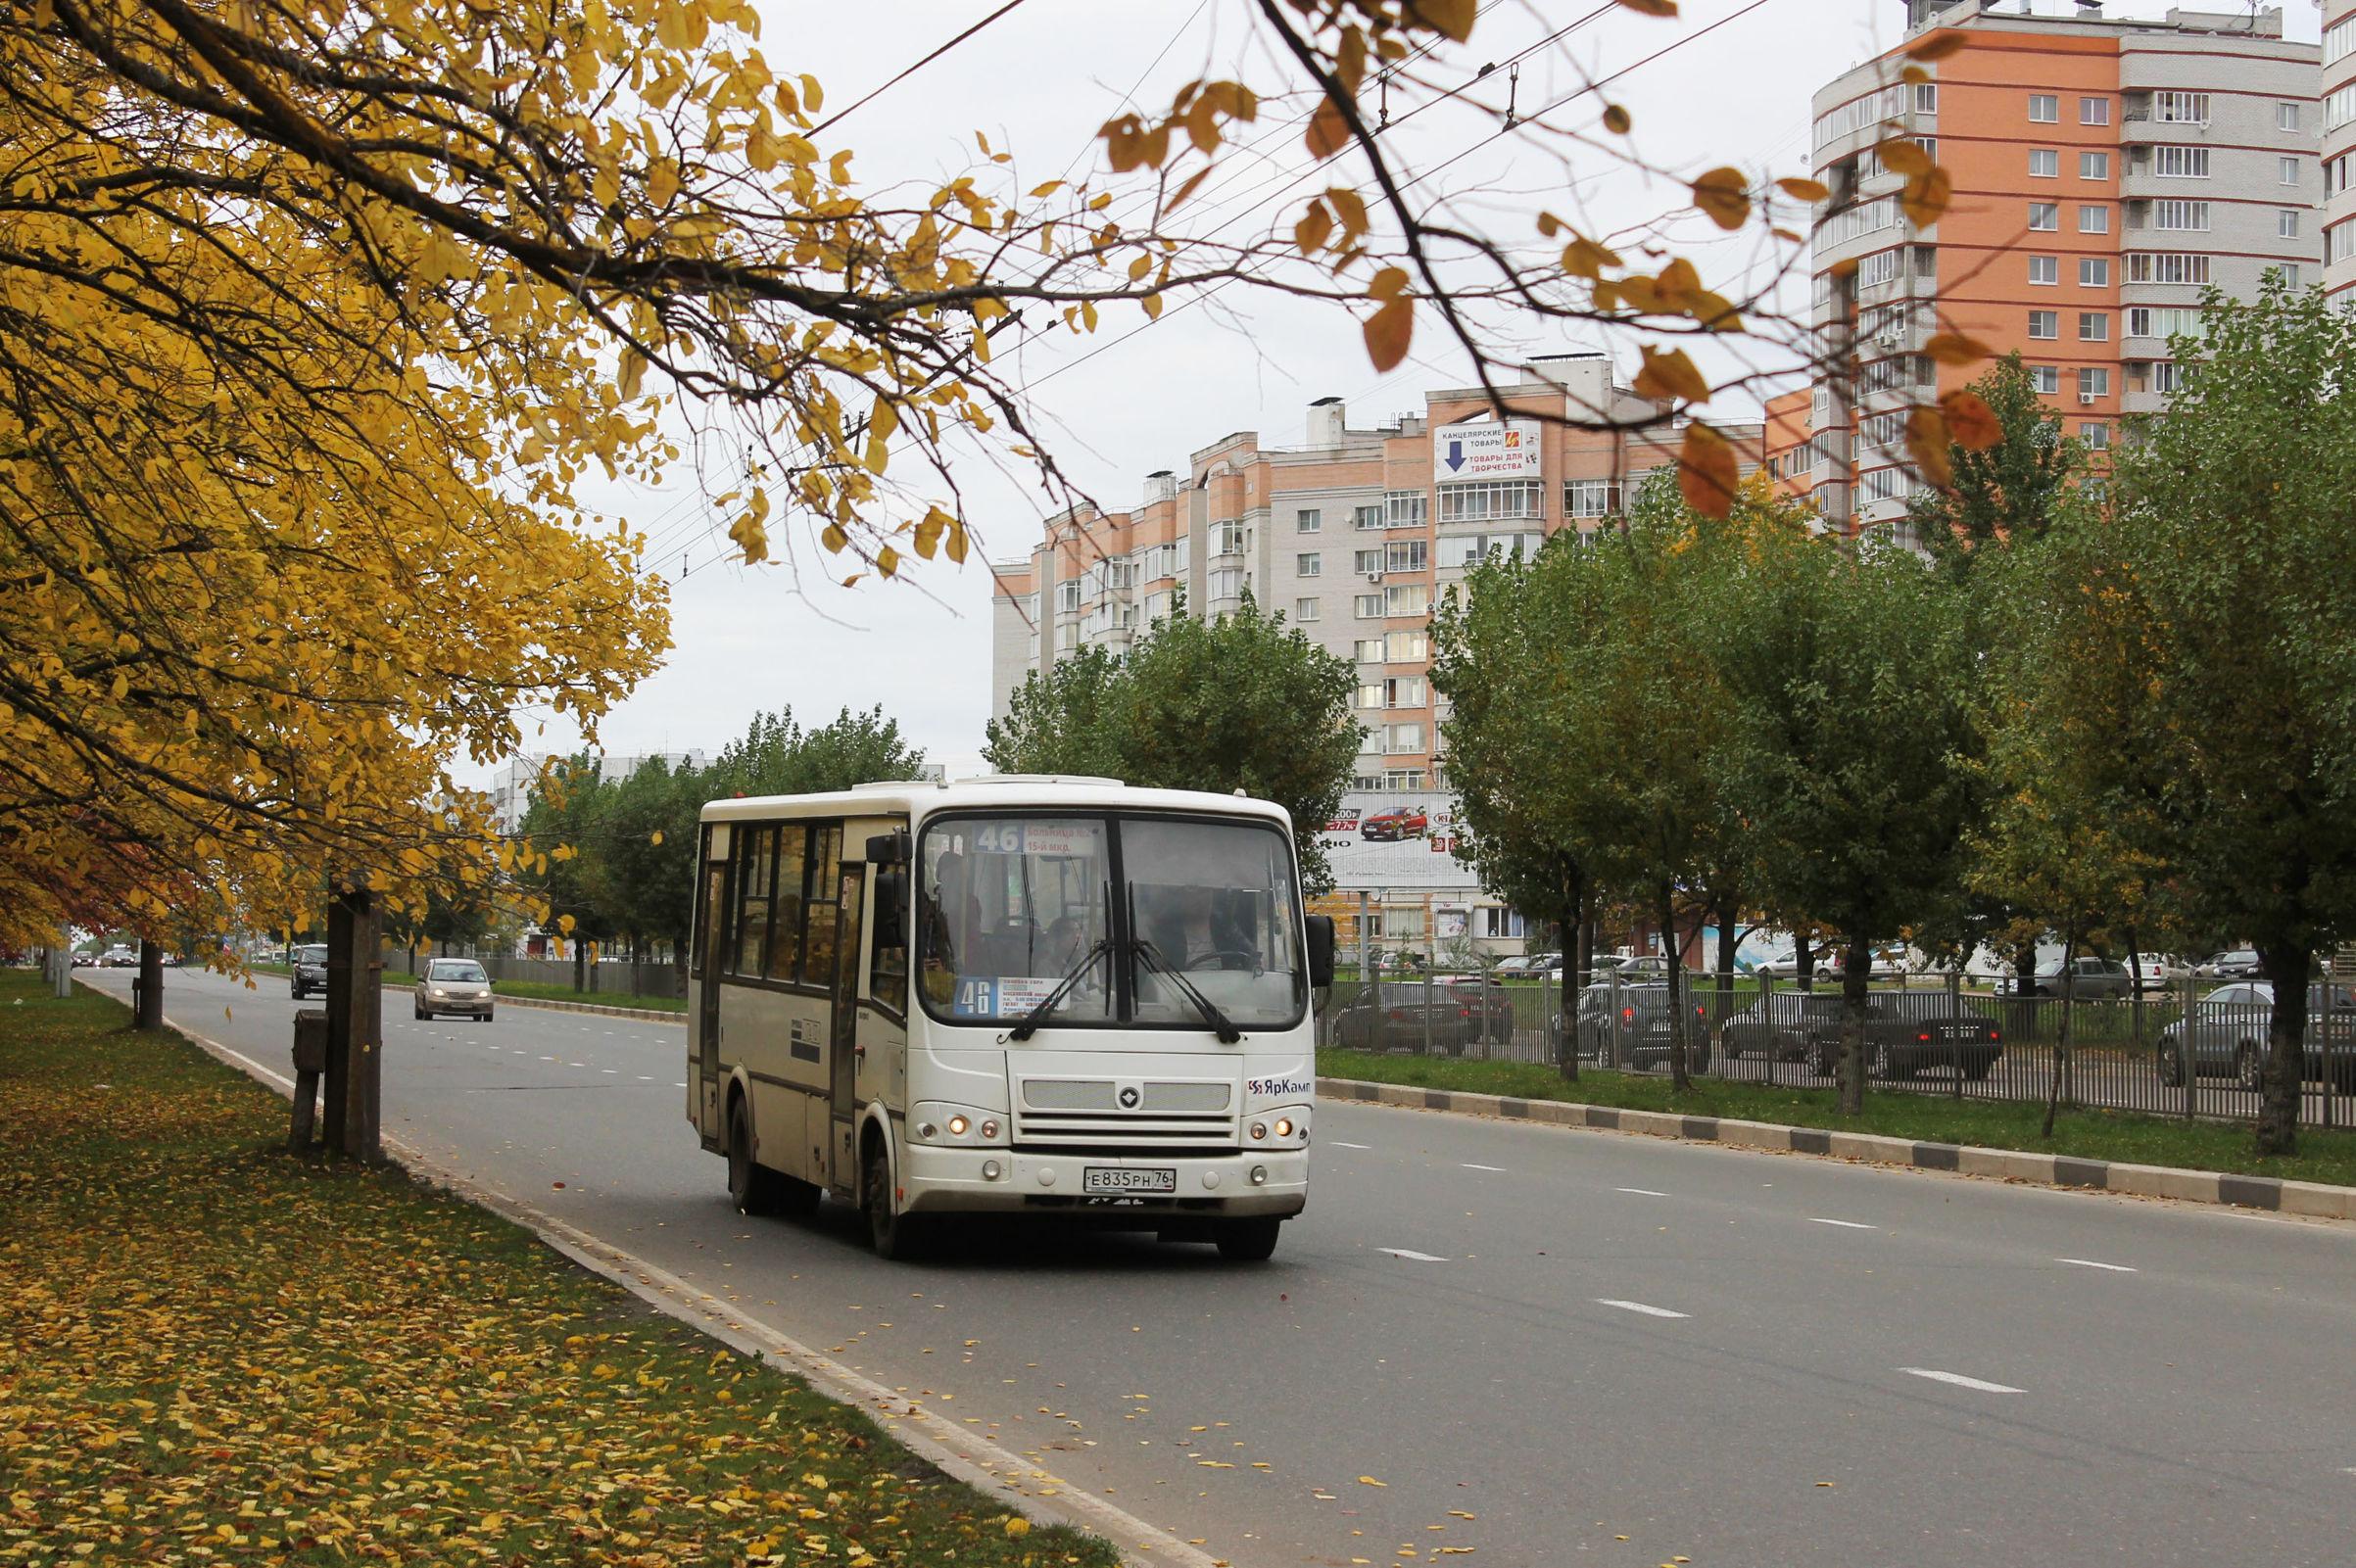 В Дзержинском районе Ярославля одна маршрутка врезалась в другую